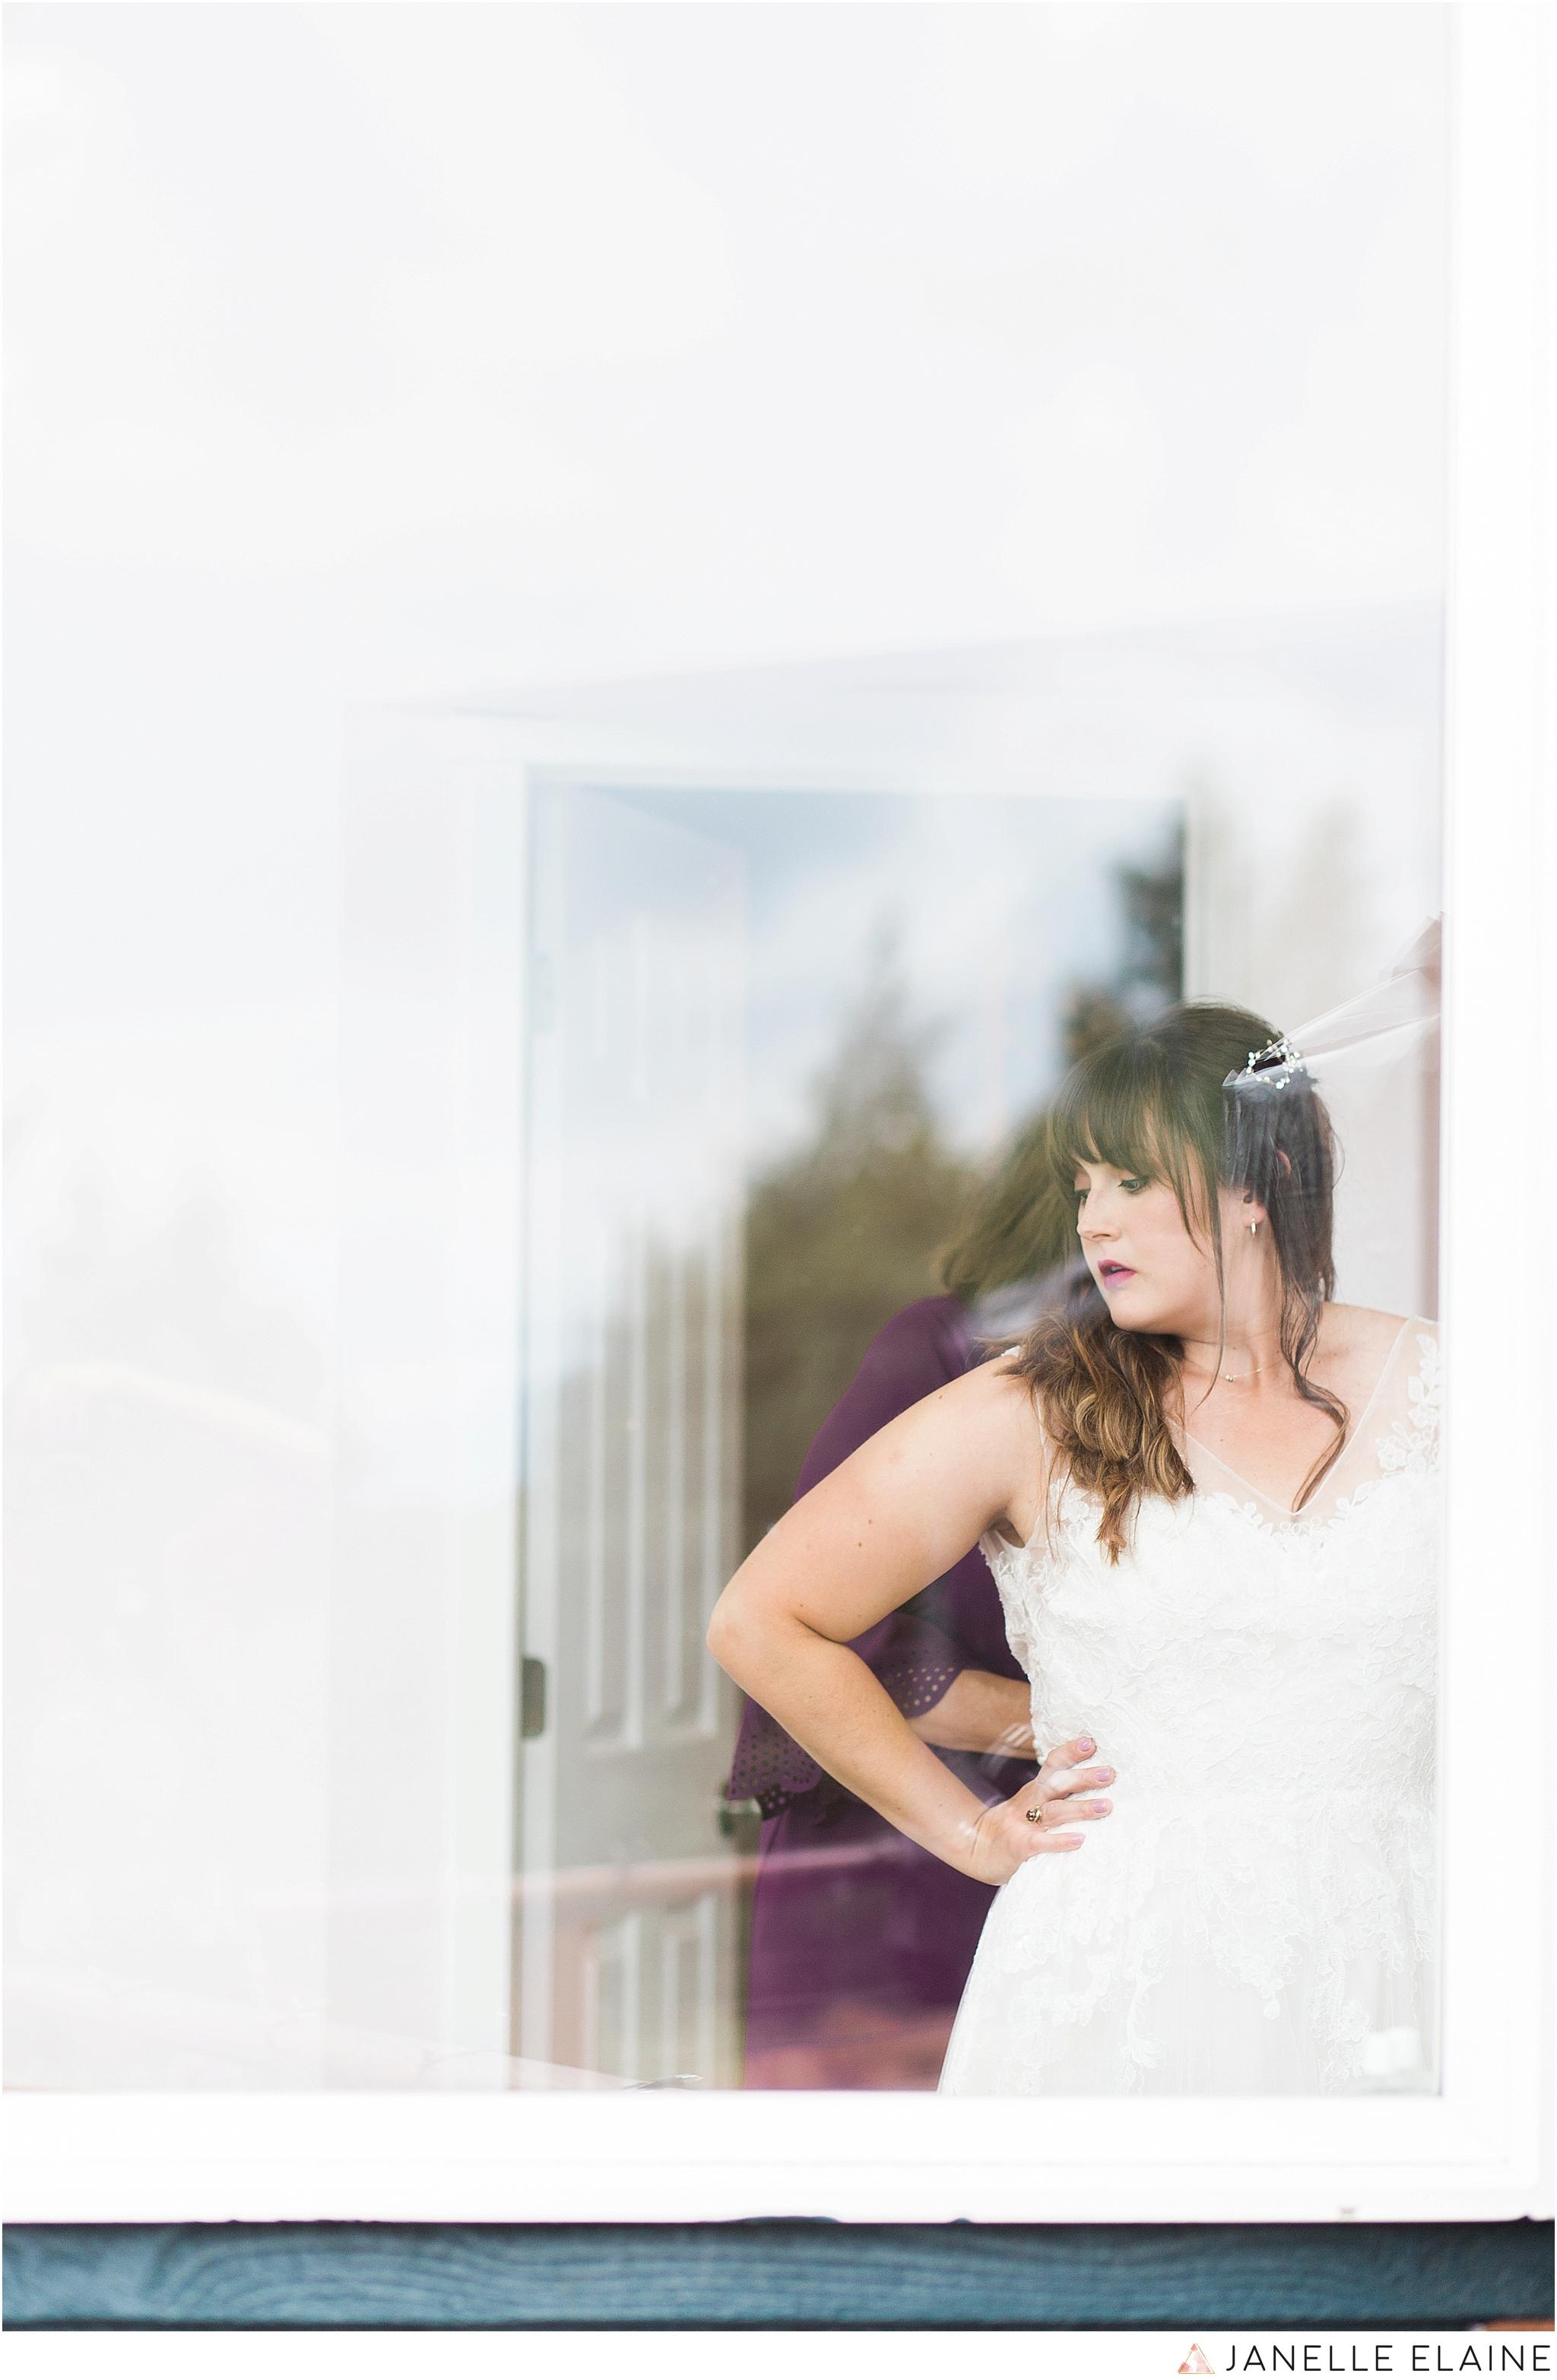 seattle-portrait-engagement-wedding-photographer-janelle-elaine-photography-3.jpg